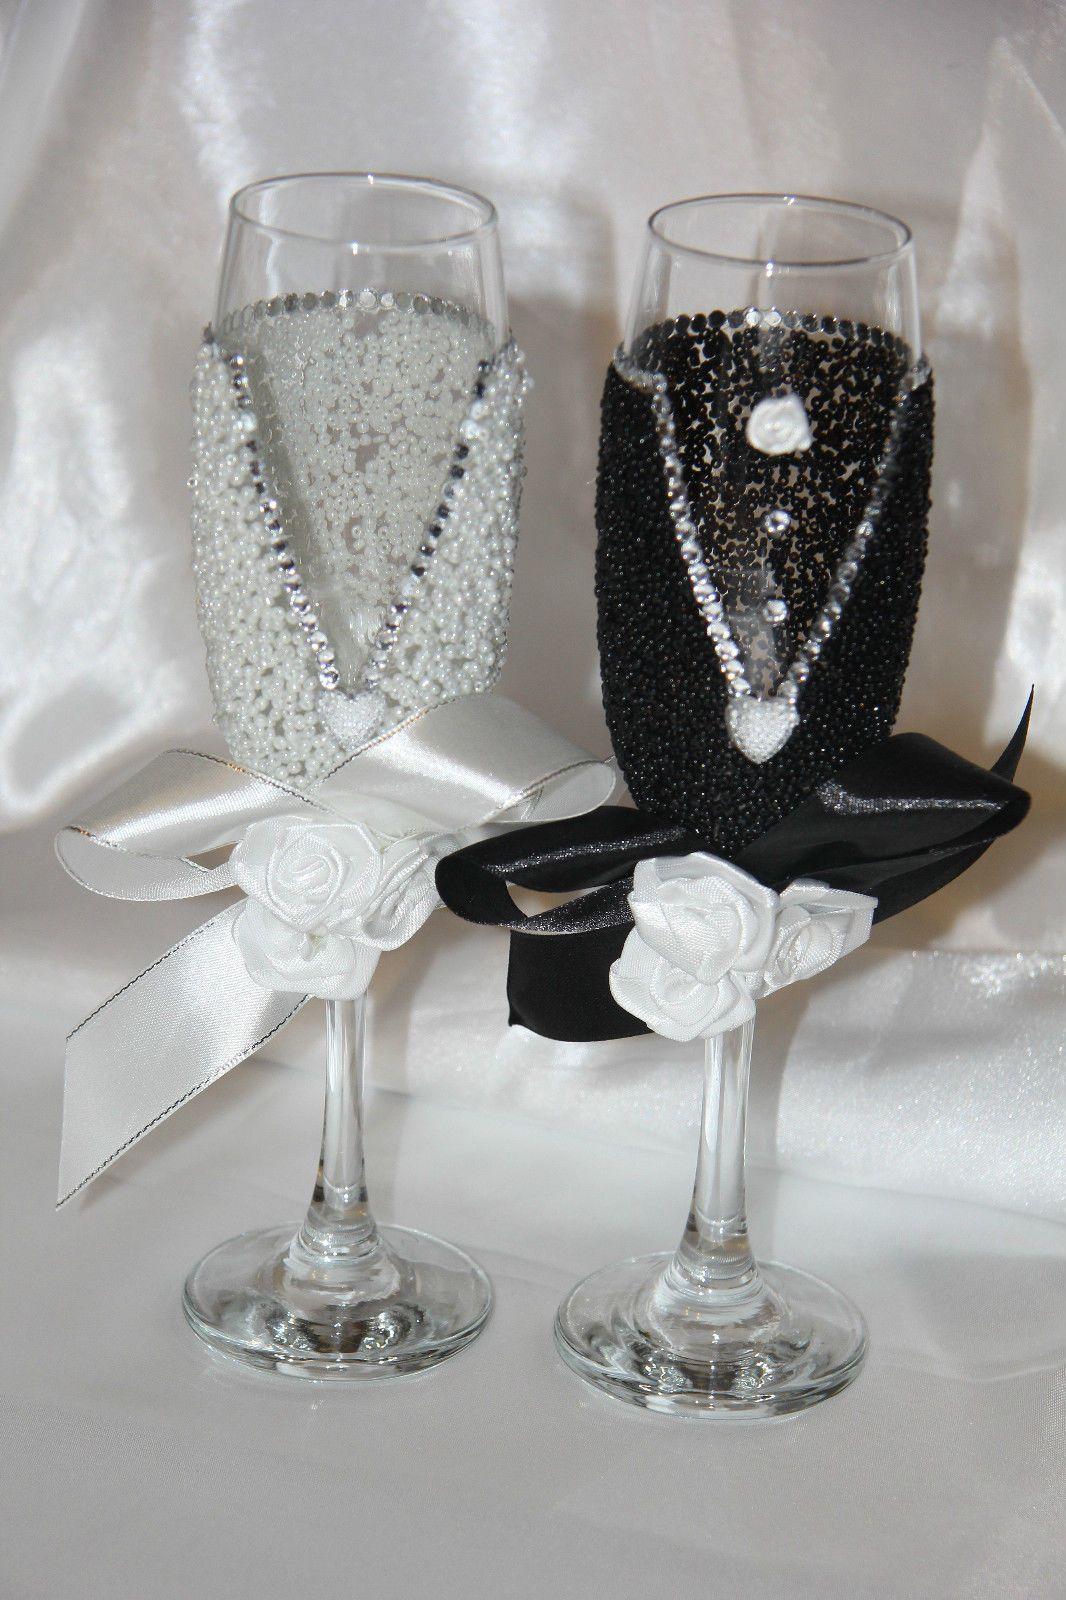 Hochzeitsglser Sektglser Hochzeit Hochzeitsgeschenk